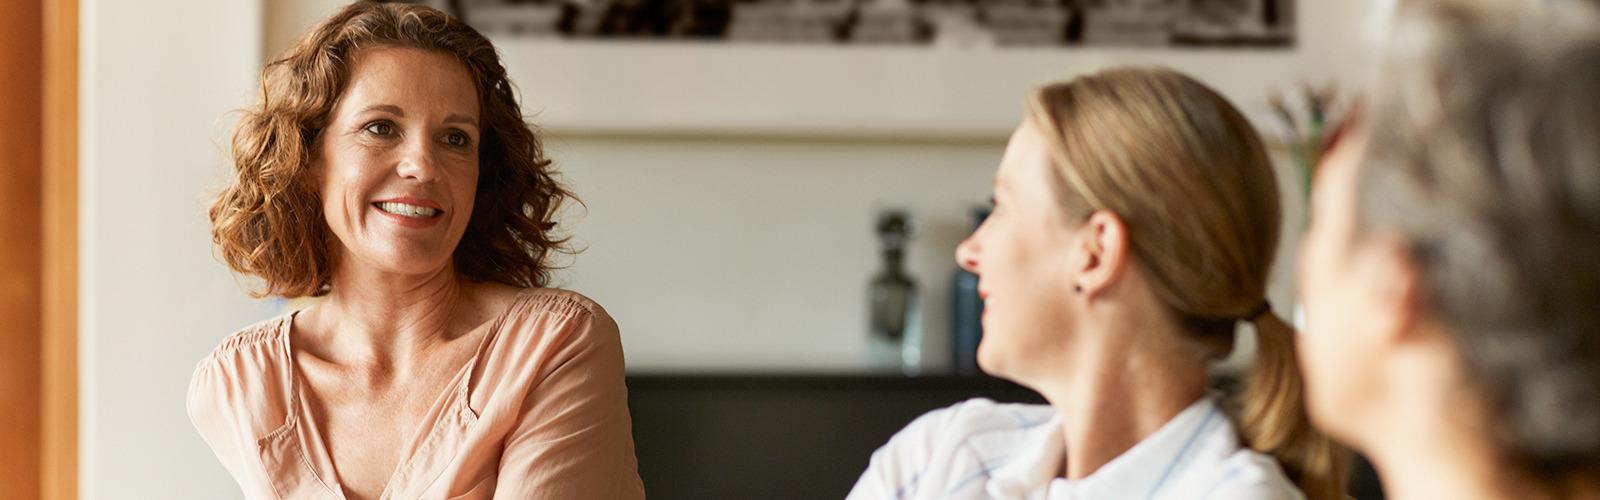 Три женщины увлеченно беседуют на диване в гостиной